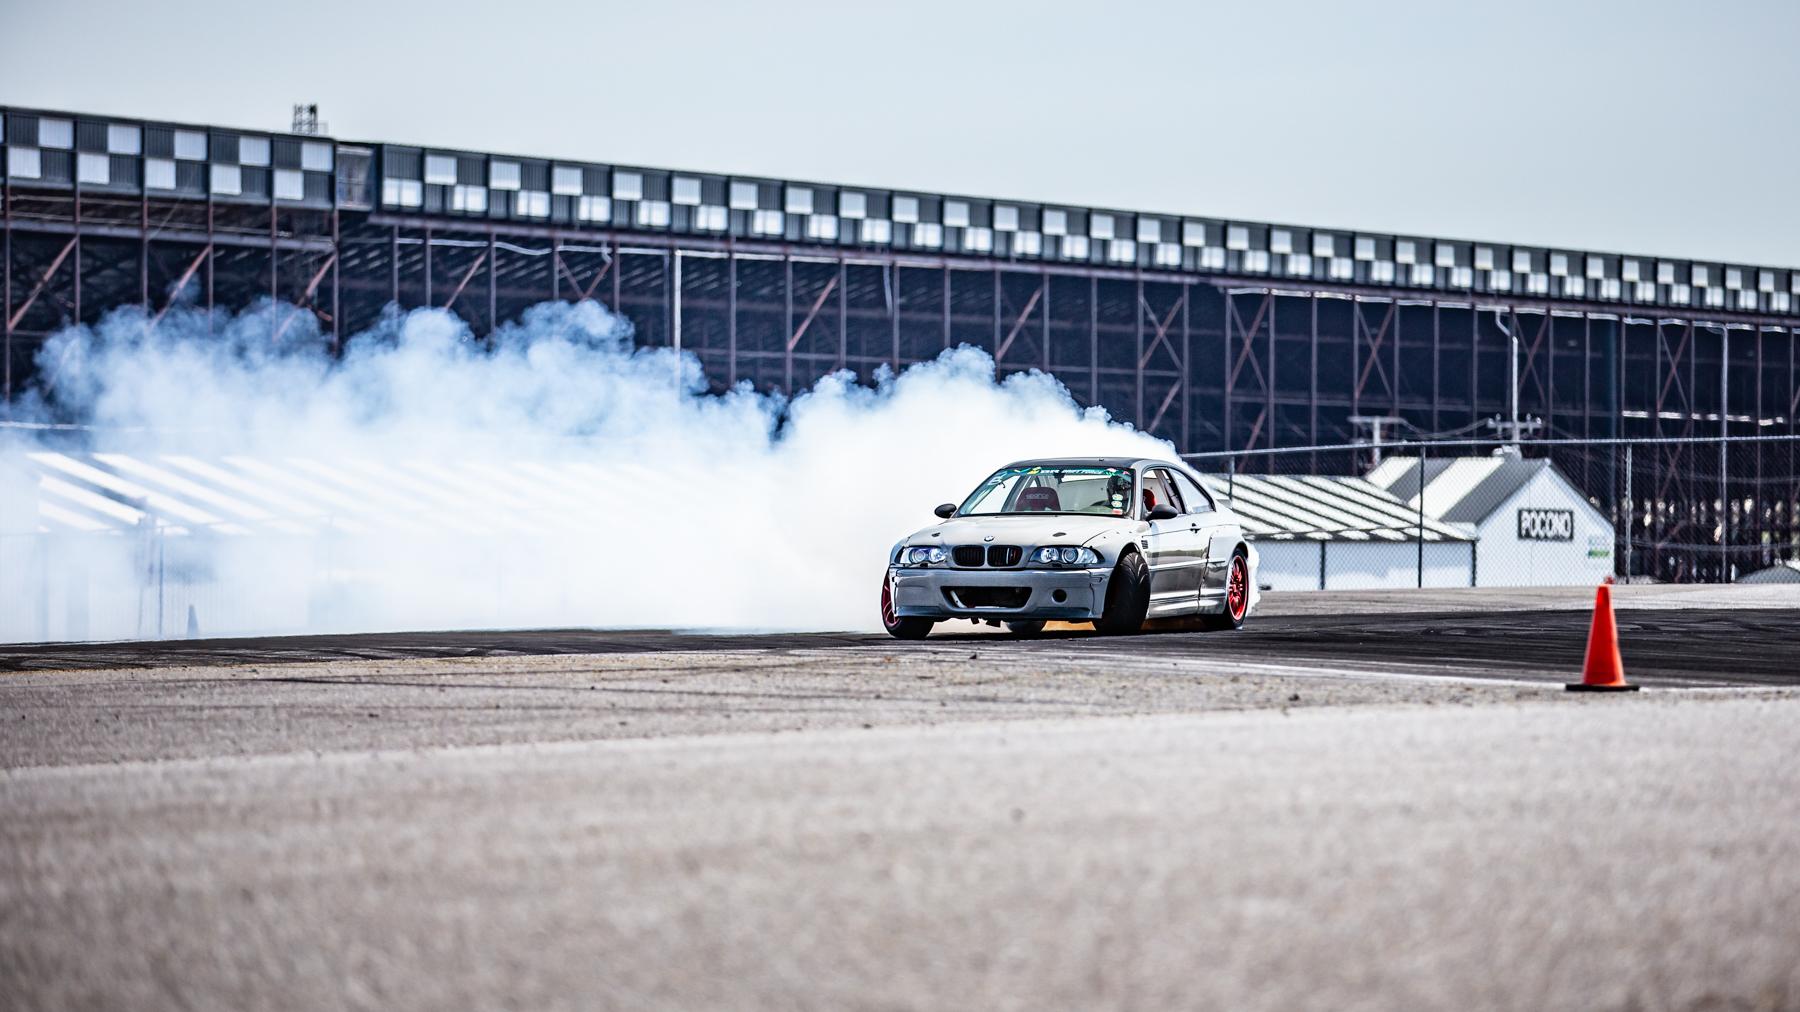 Drift-7548